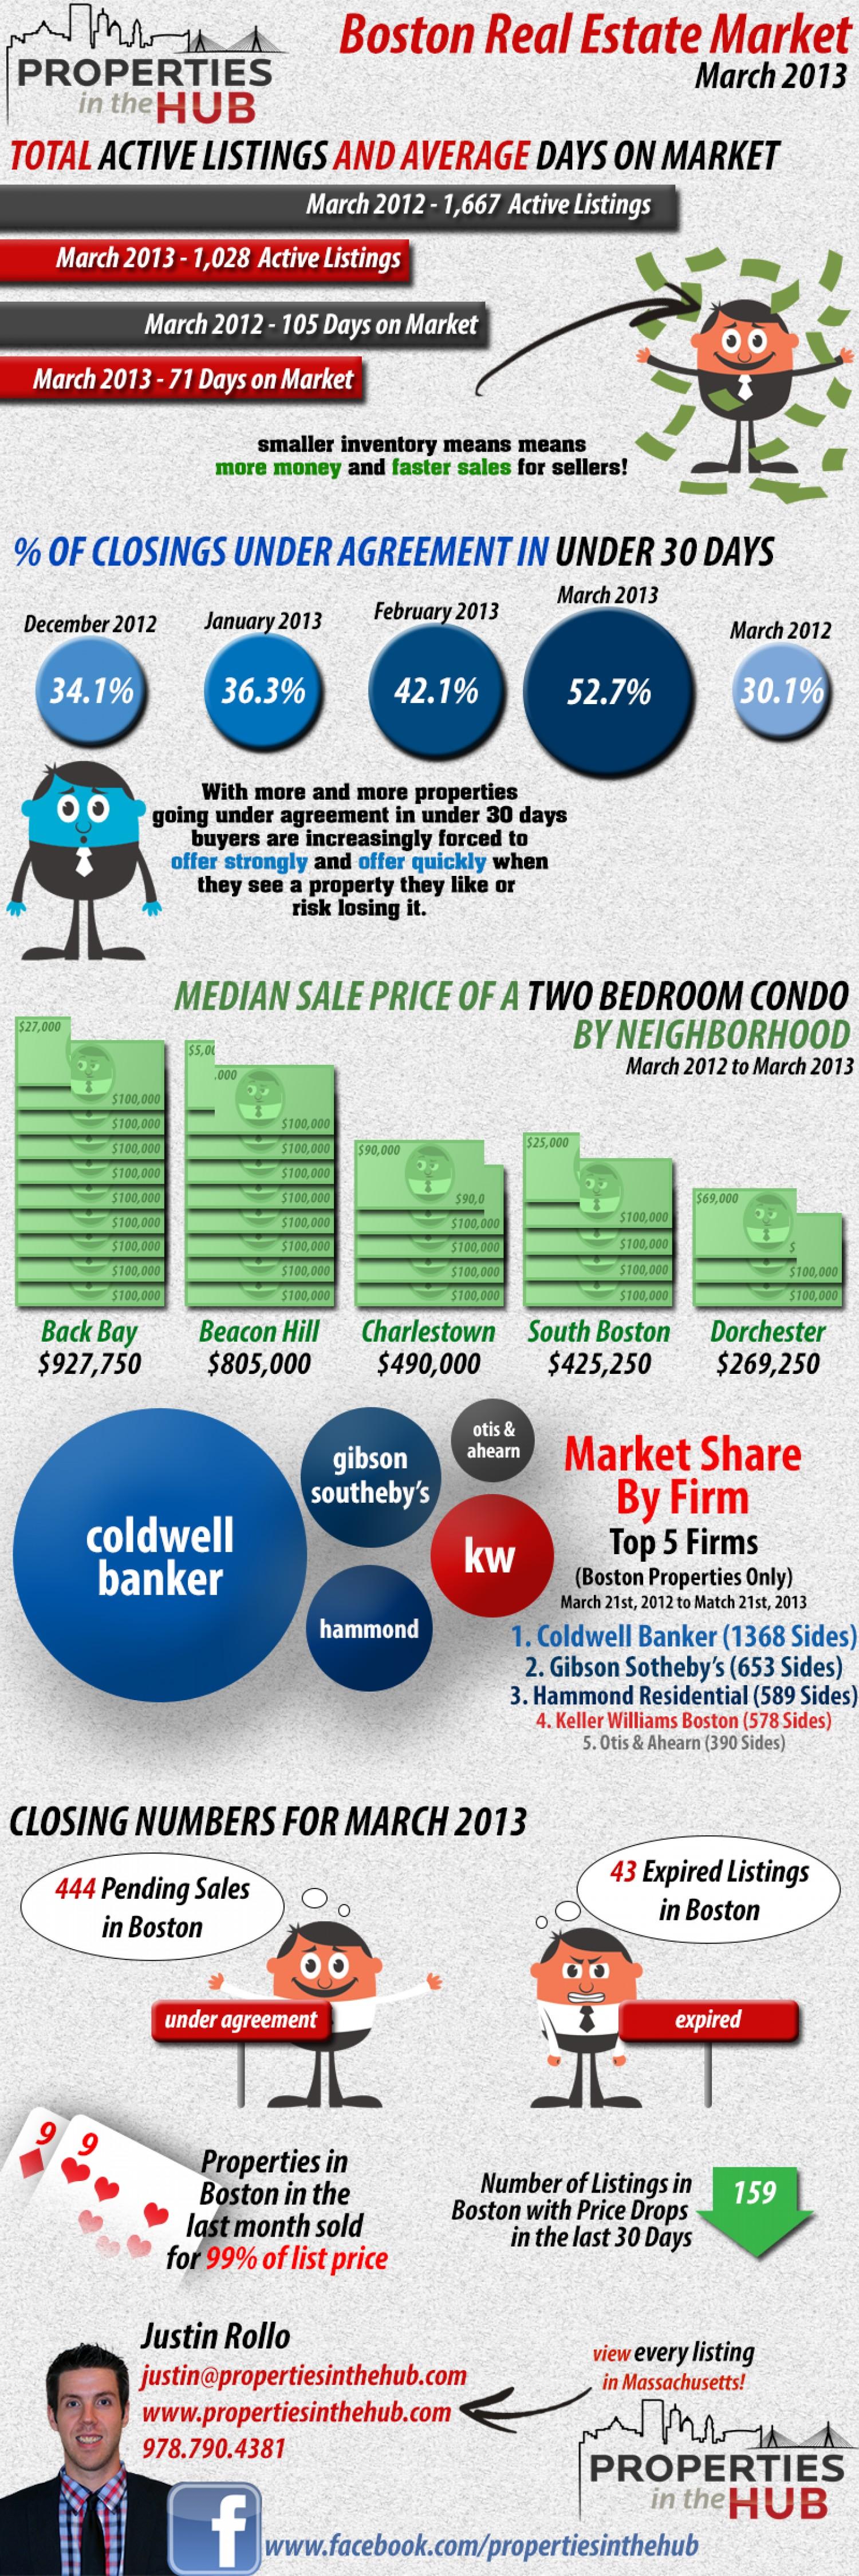 Boston real estate market March 2013